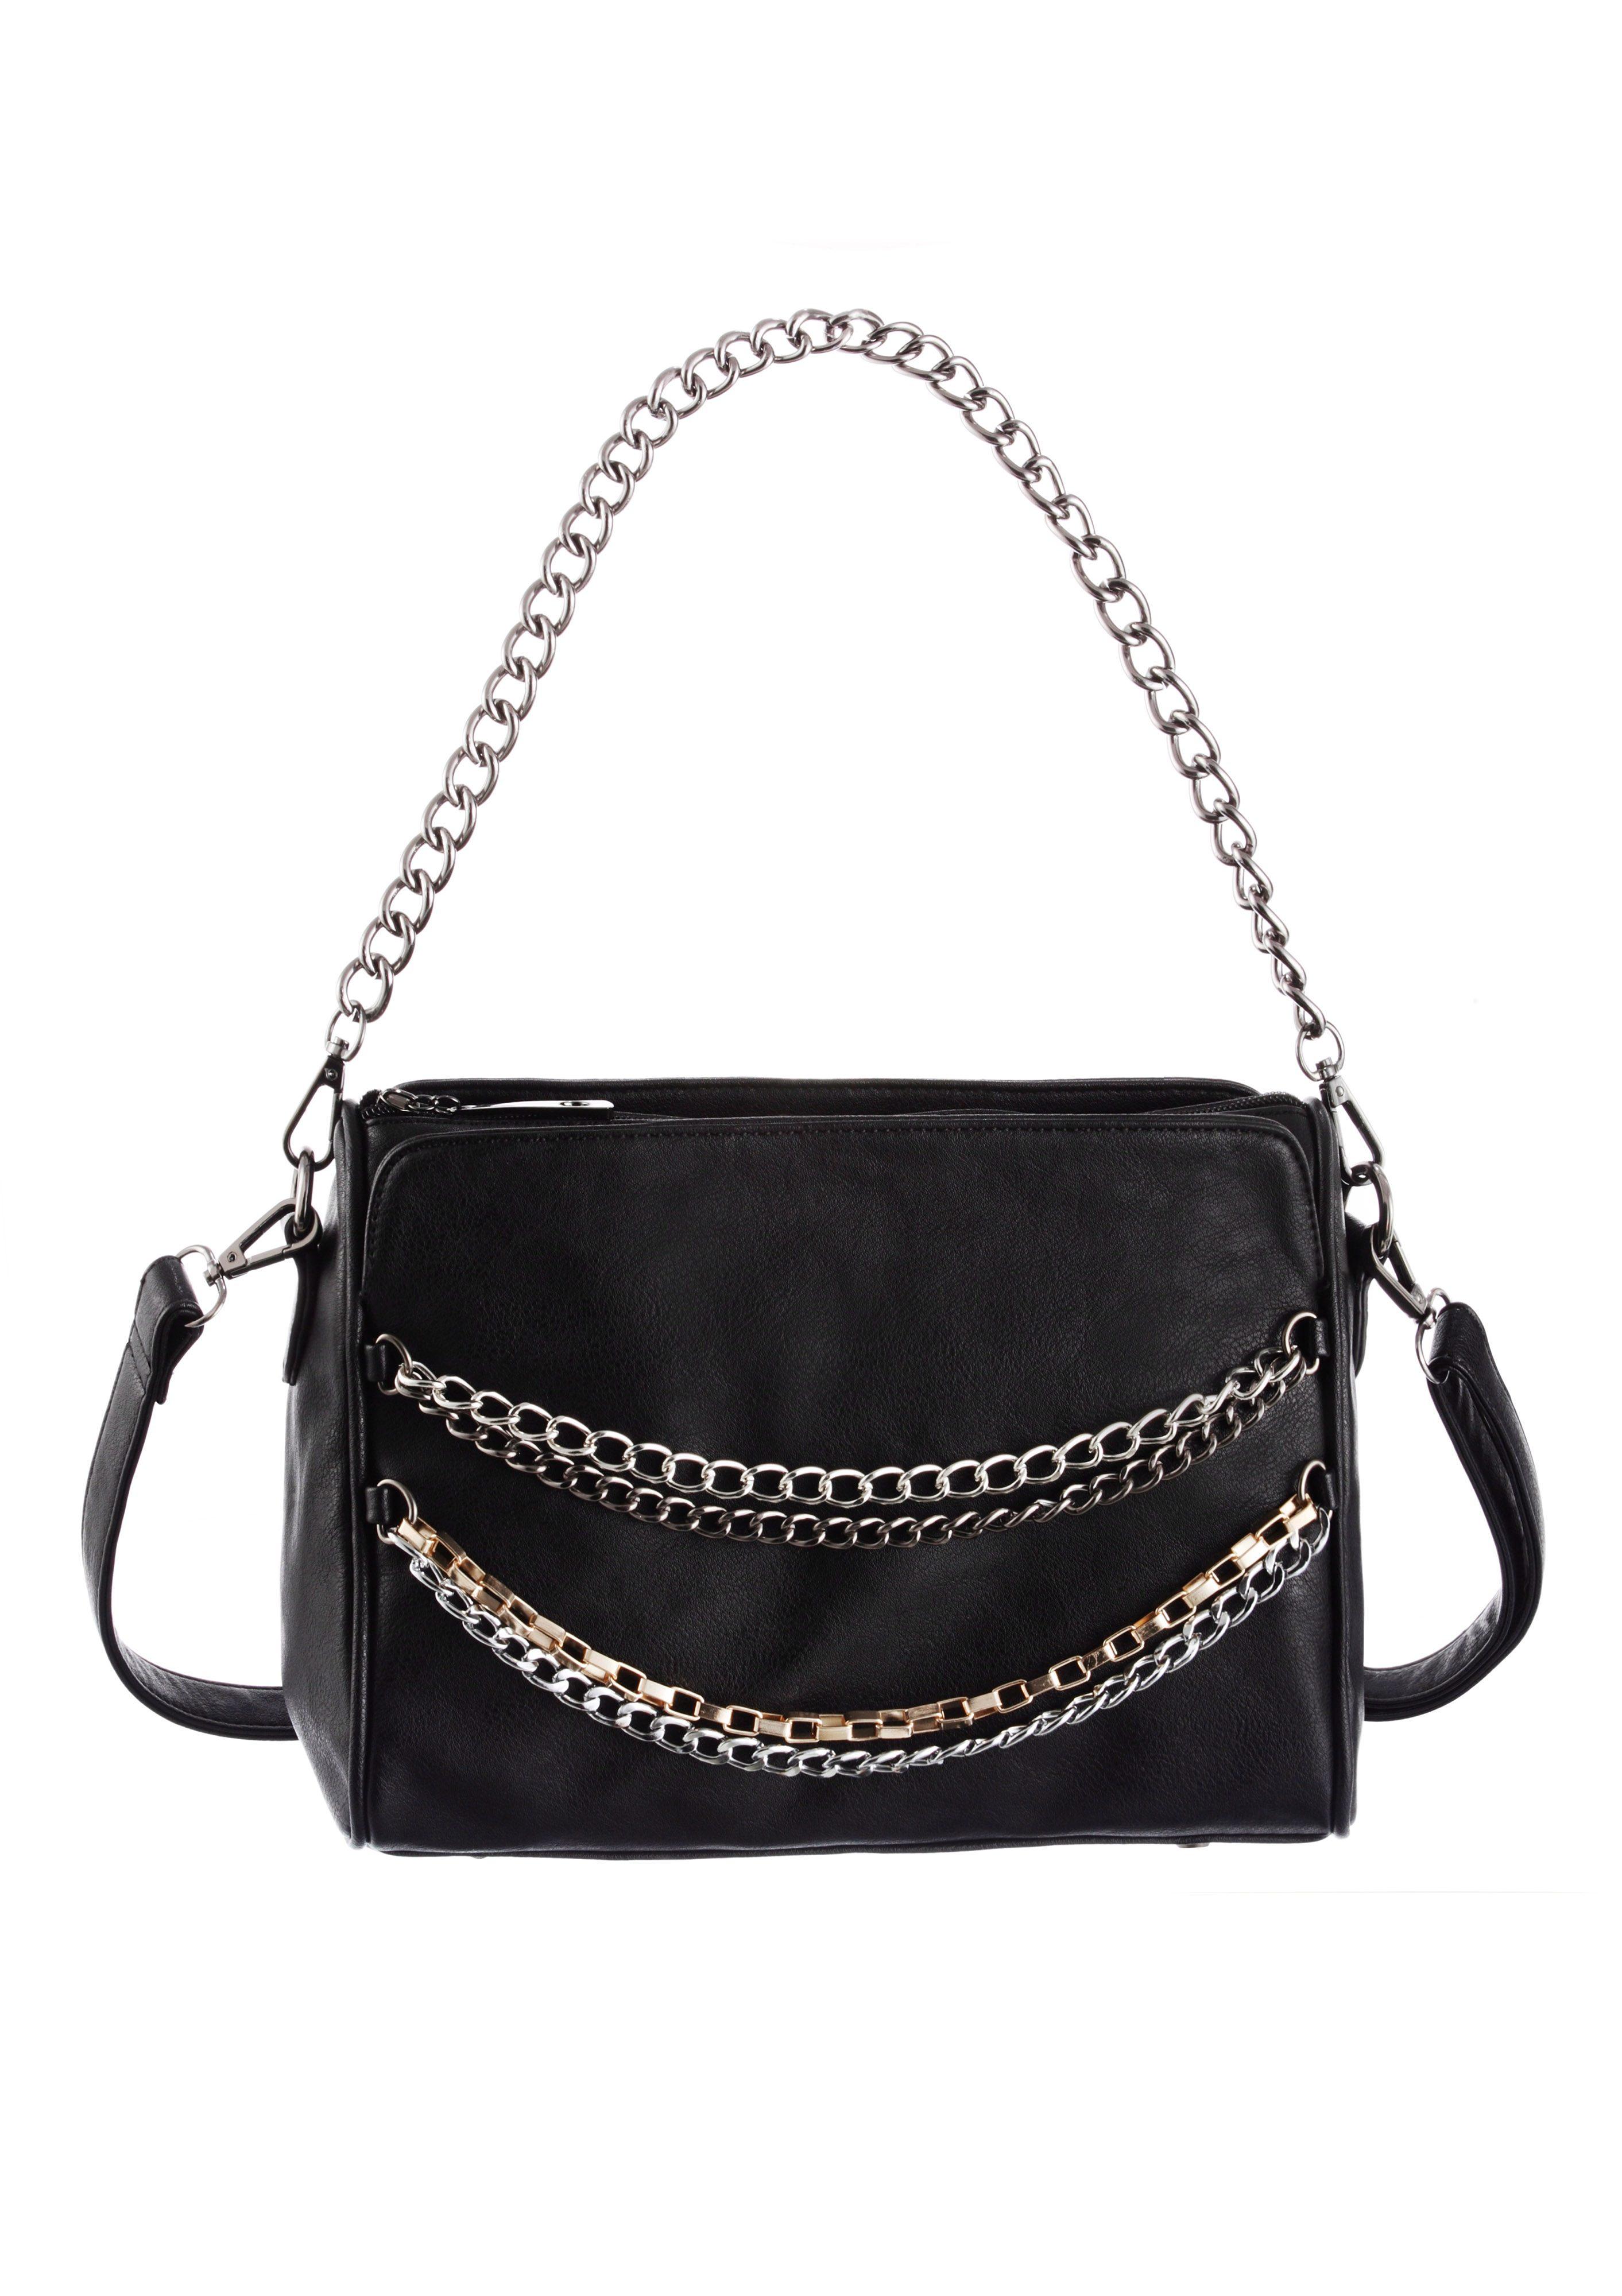 Handtasche mit Ketten verziert